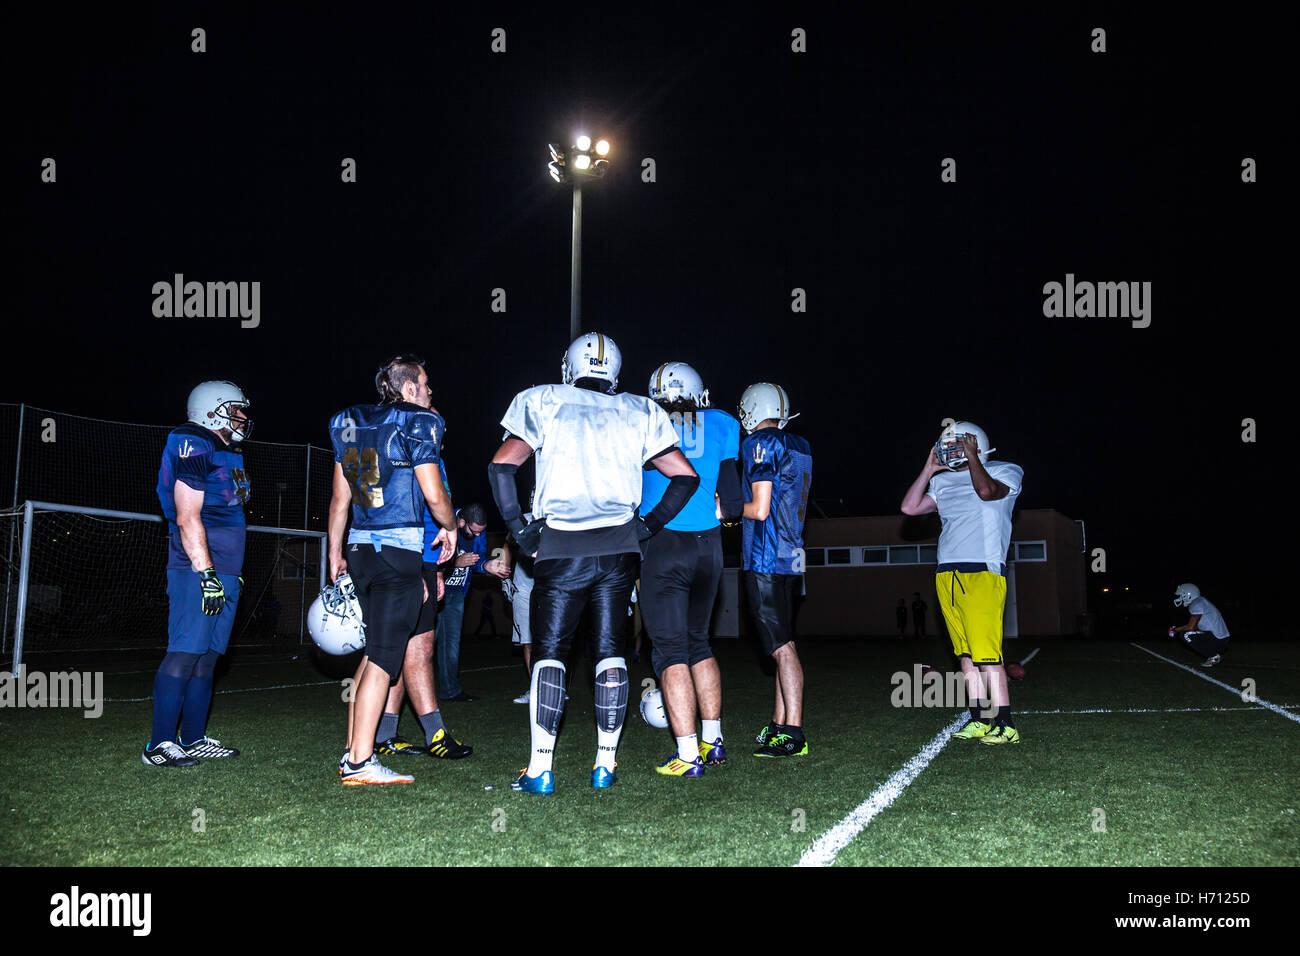 Joueurs de football américain Photo Stock